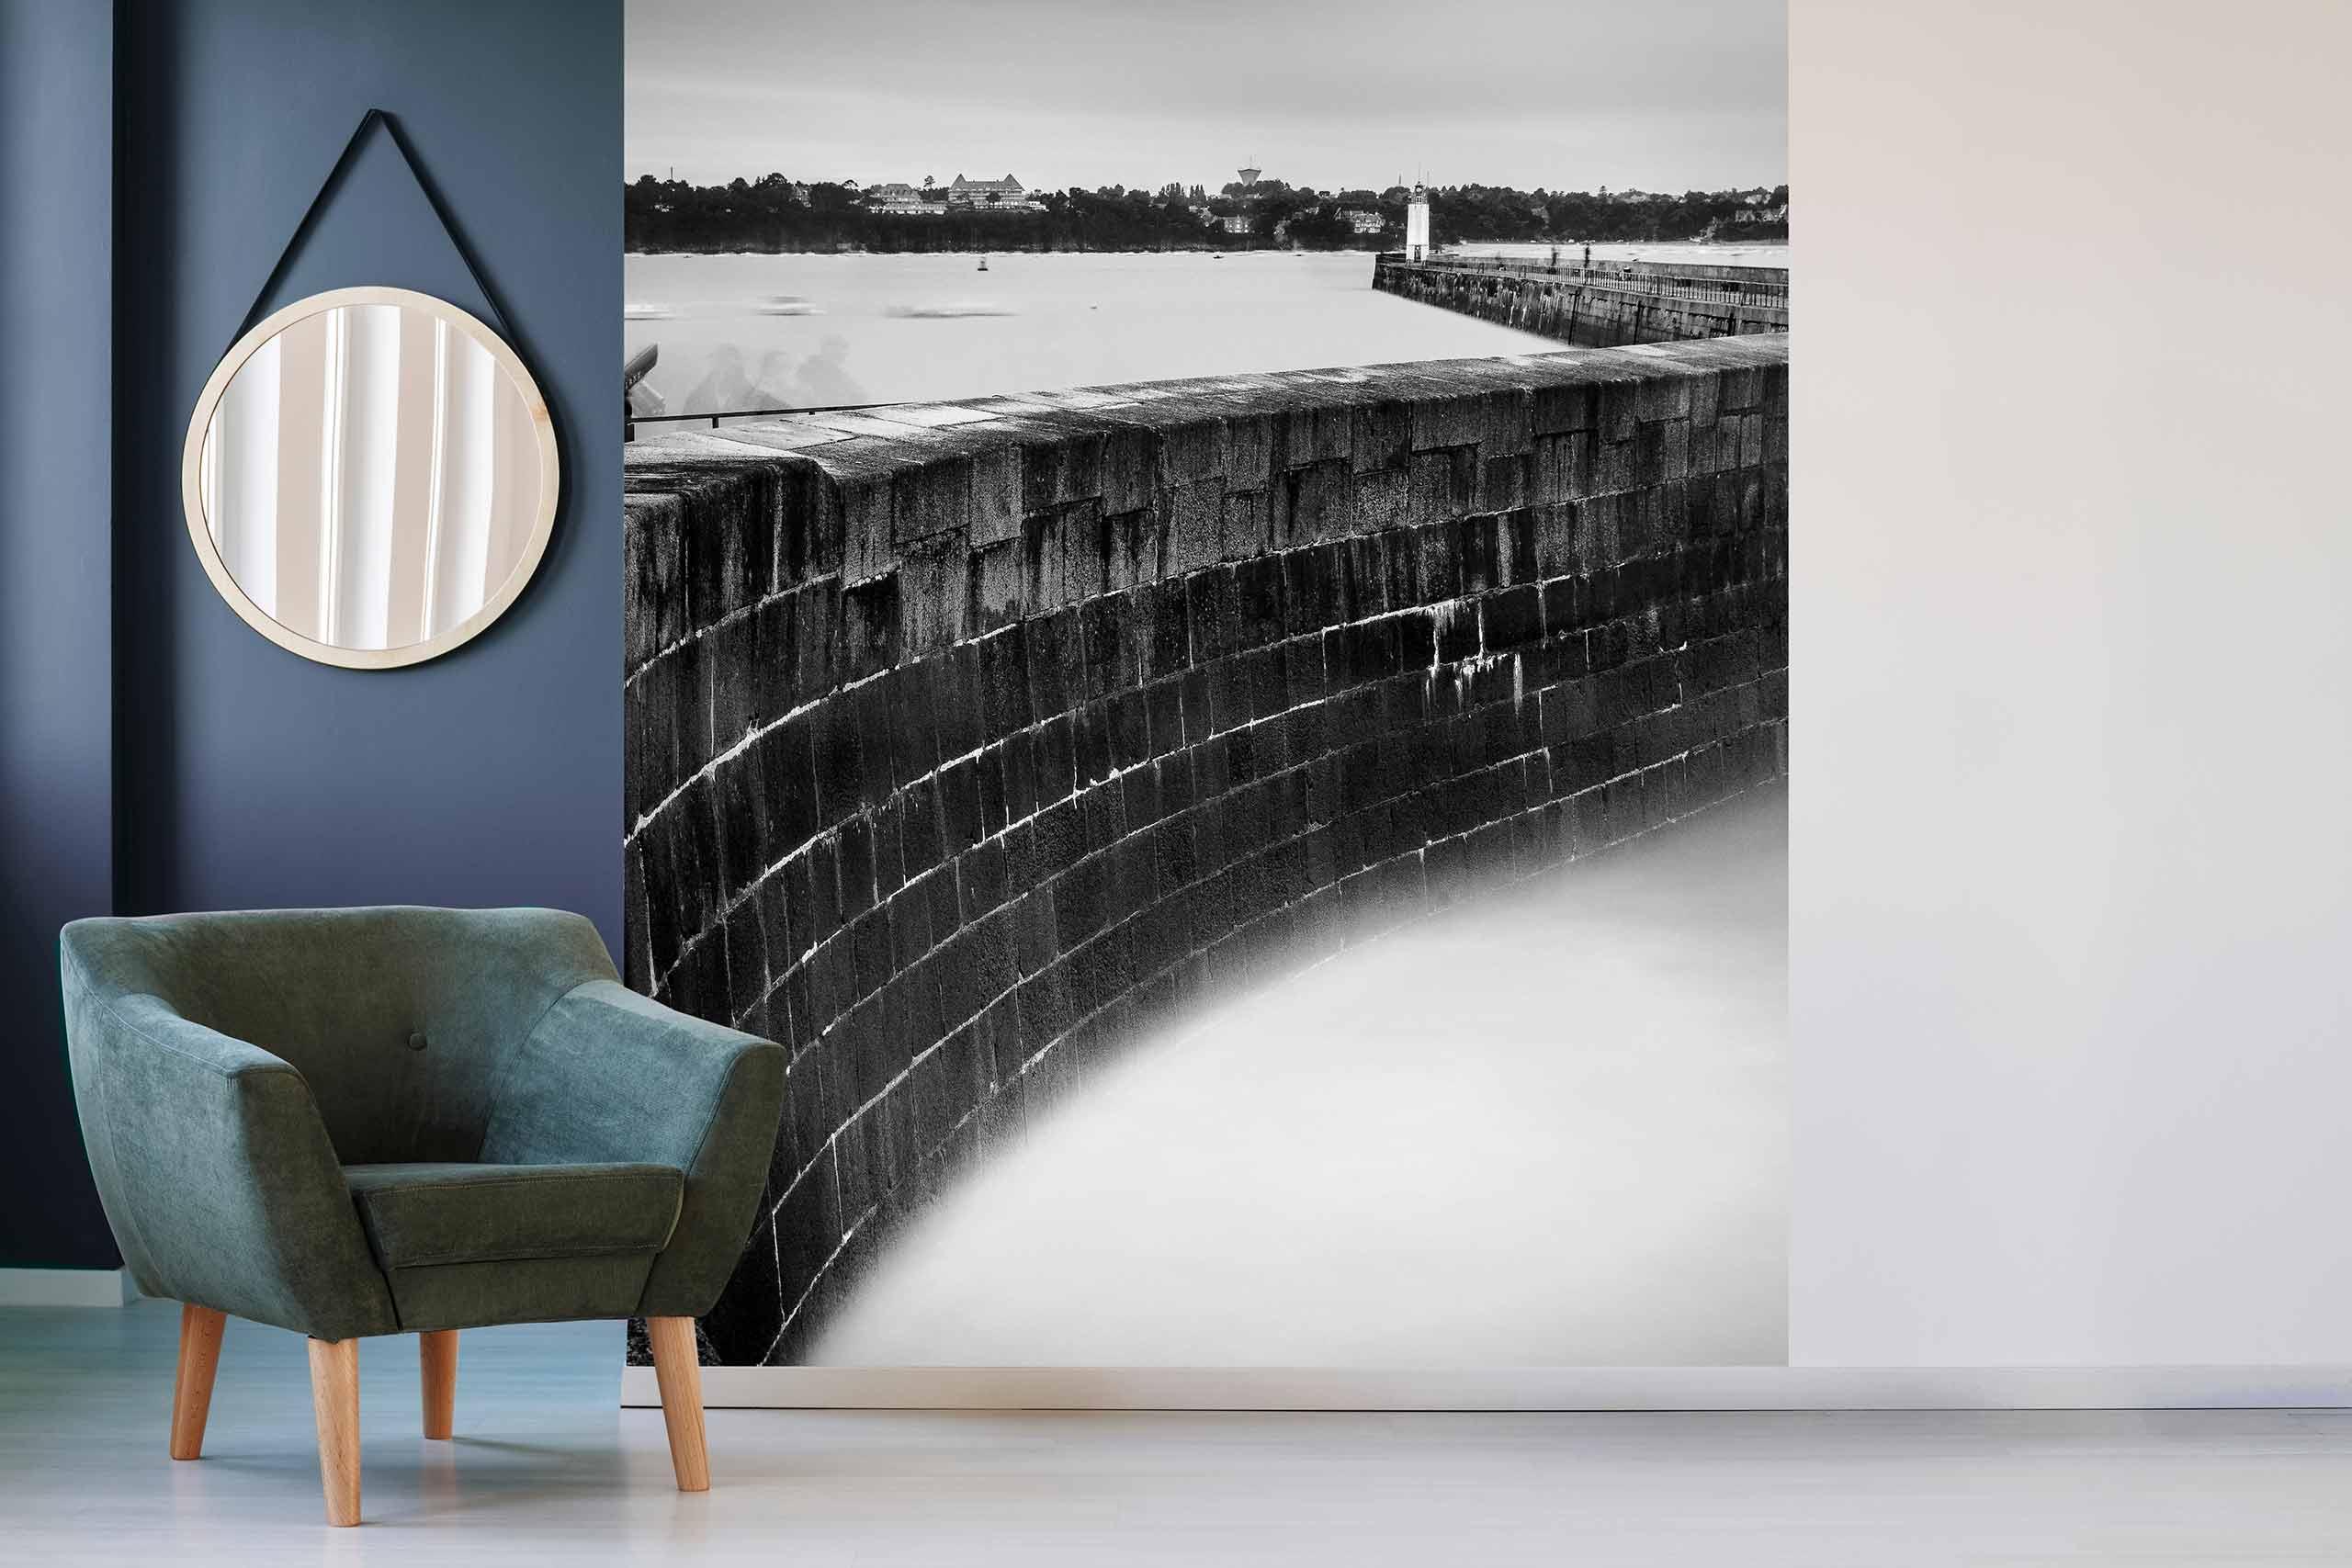 Vlies Tapete 225 Fototapete Höhe 250cm Motiv 118 See Schwarz-Weiß